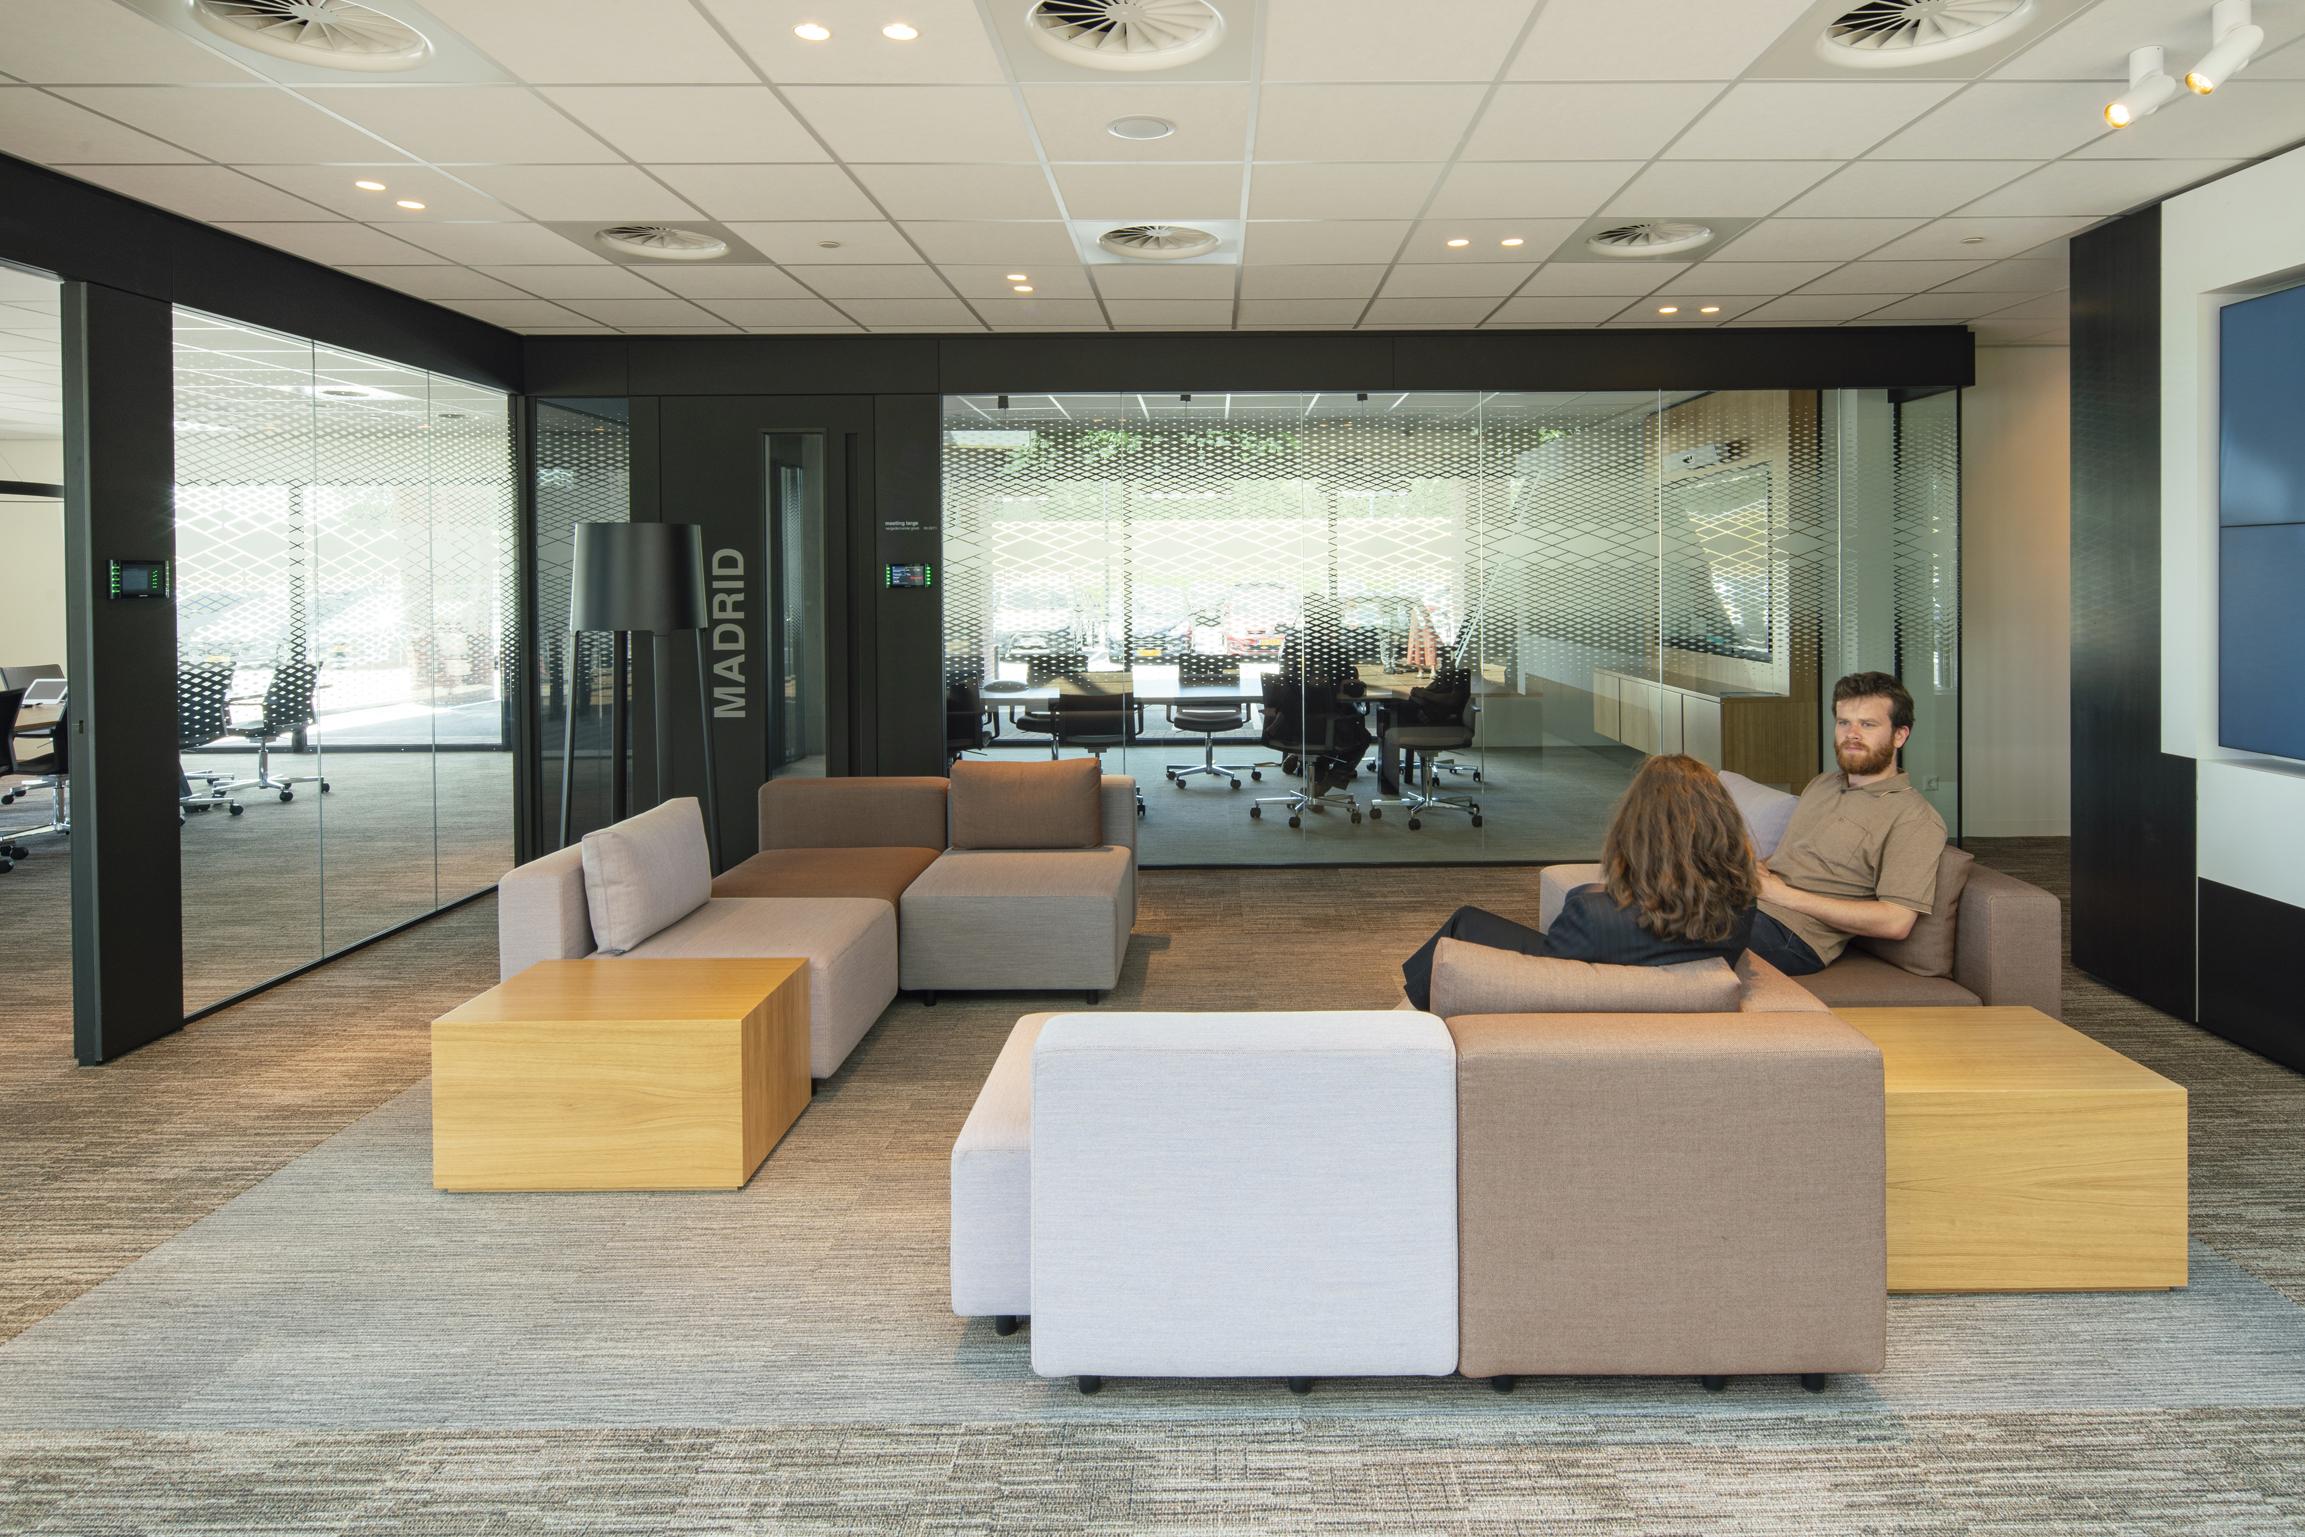 <p>Transparante ontmoetingsruimtes, vanuit het hele gebouw zichtbaar, dragen bij aan een open werksfeer &#8211; foto Frank Hanswijk</p>